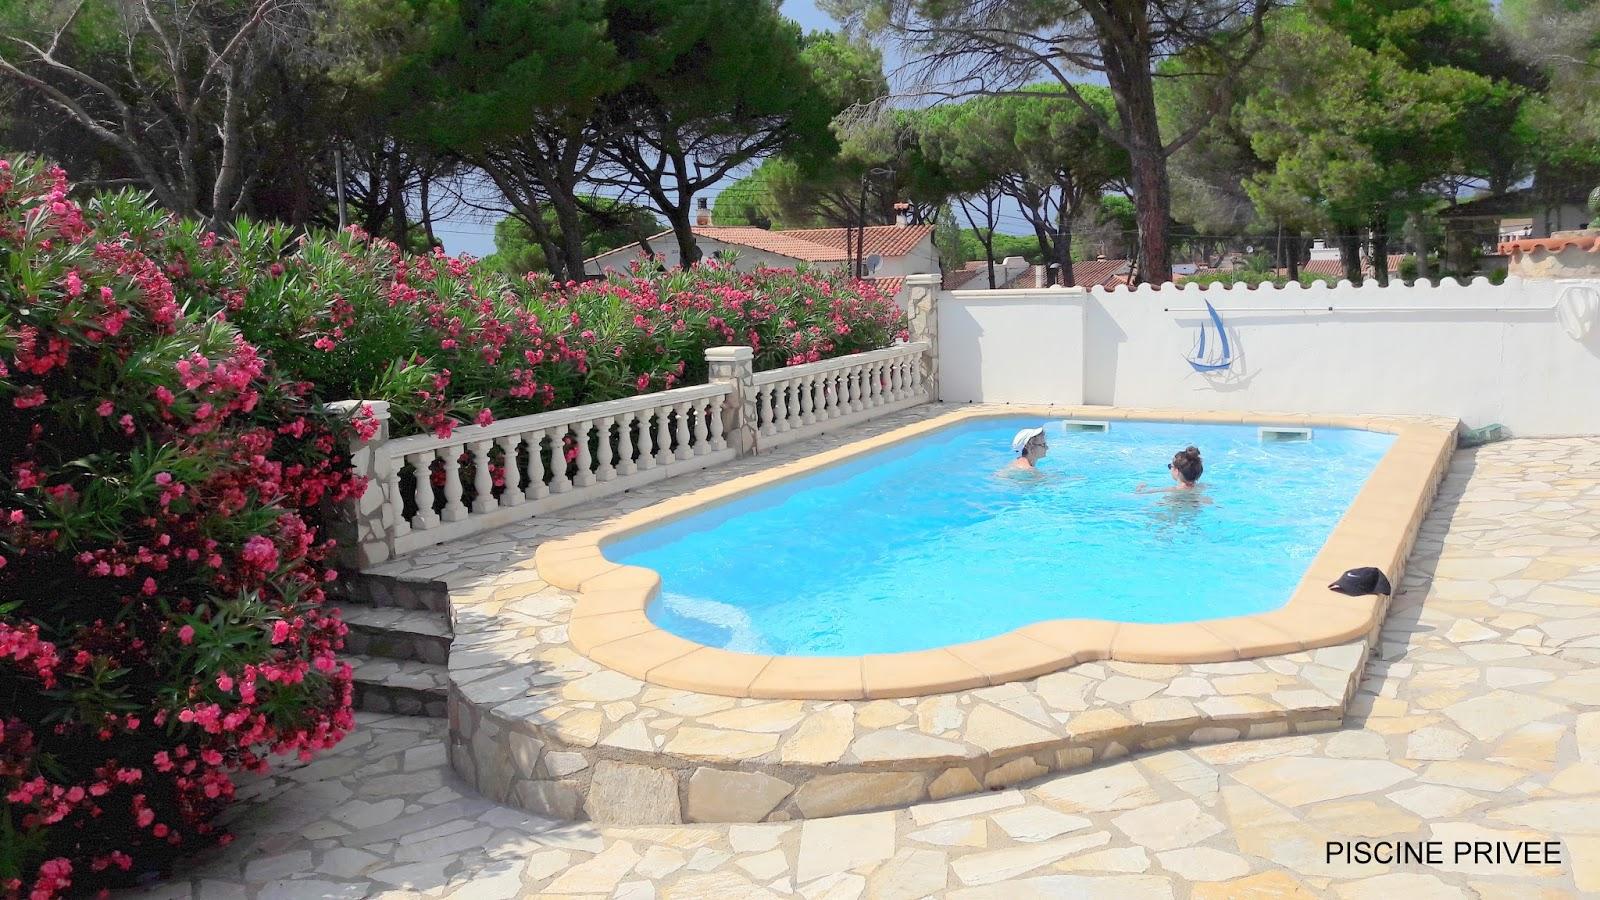 Villa Avec Piscine Privee Sur La Costa Brava: Description De ... avec Location Villa Espagne Avec Piscine Privée